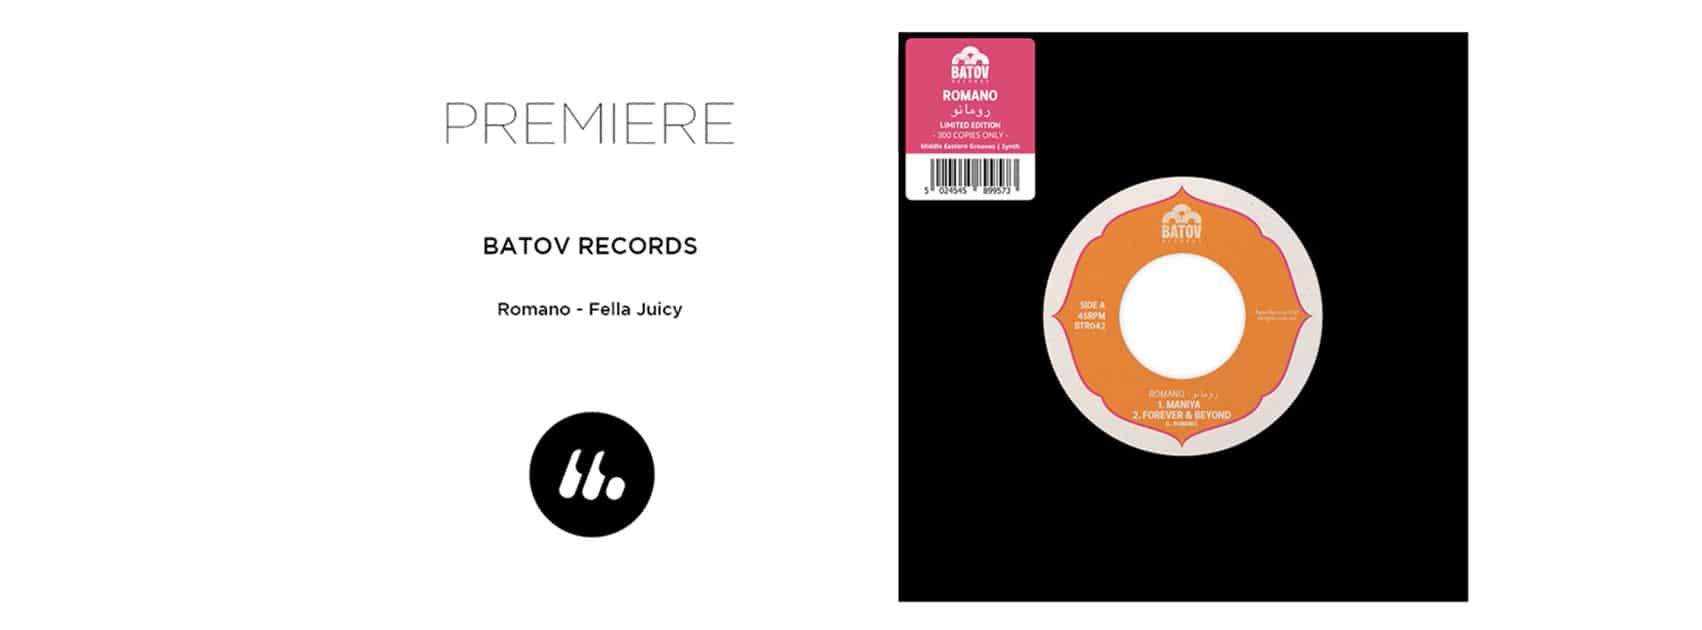 Romano - Fella Juicy (Batov Records) | Le Mellotron Premiere